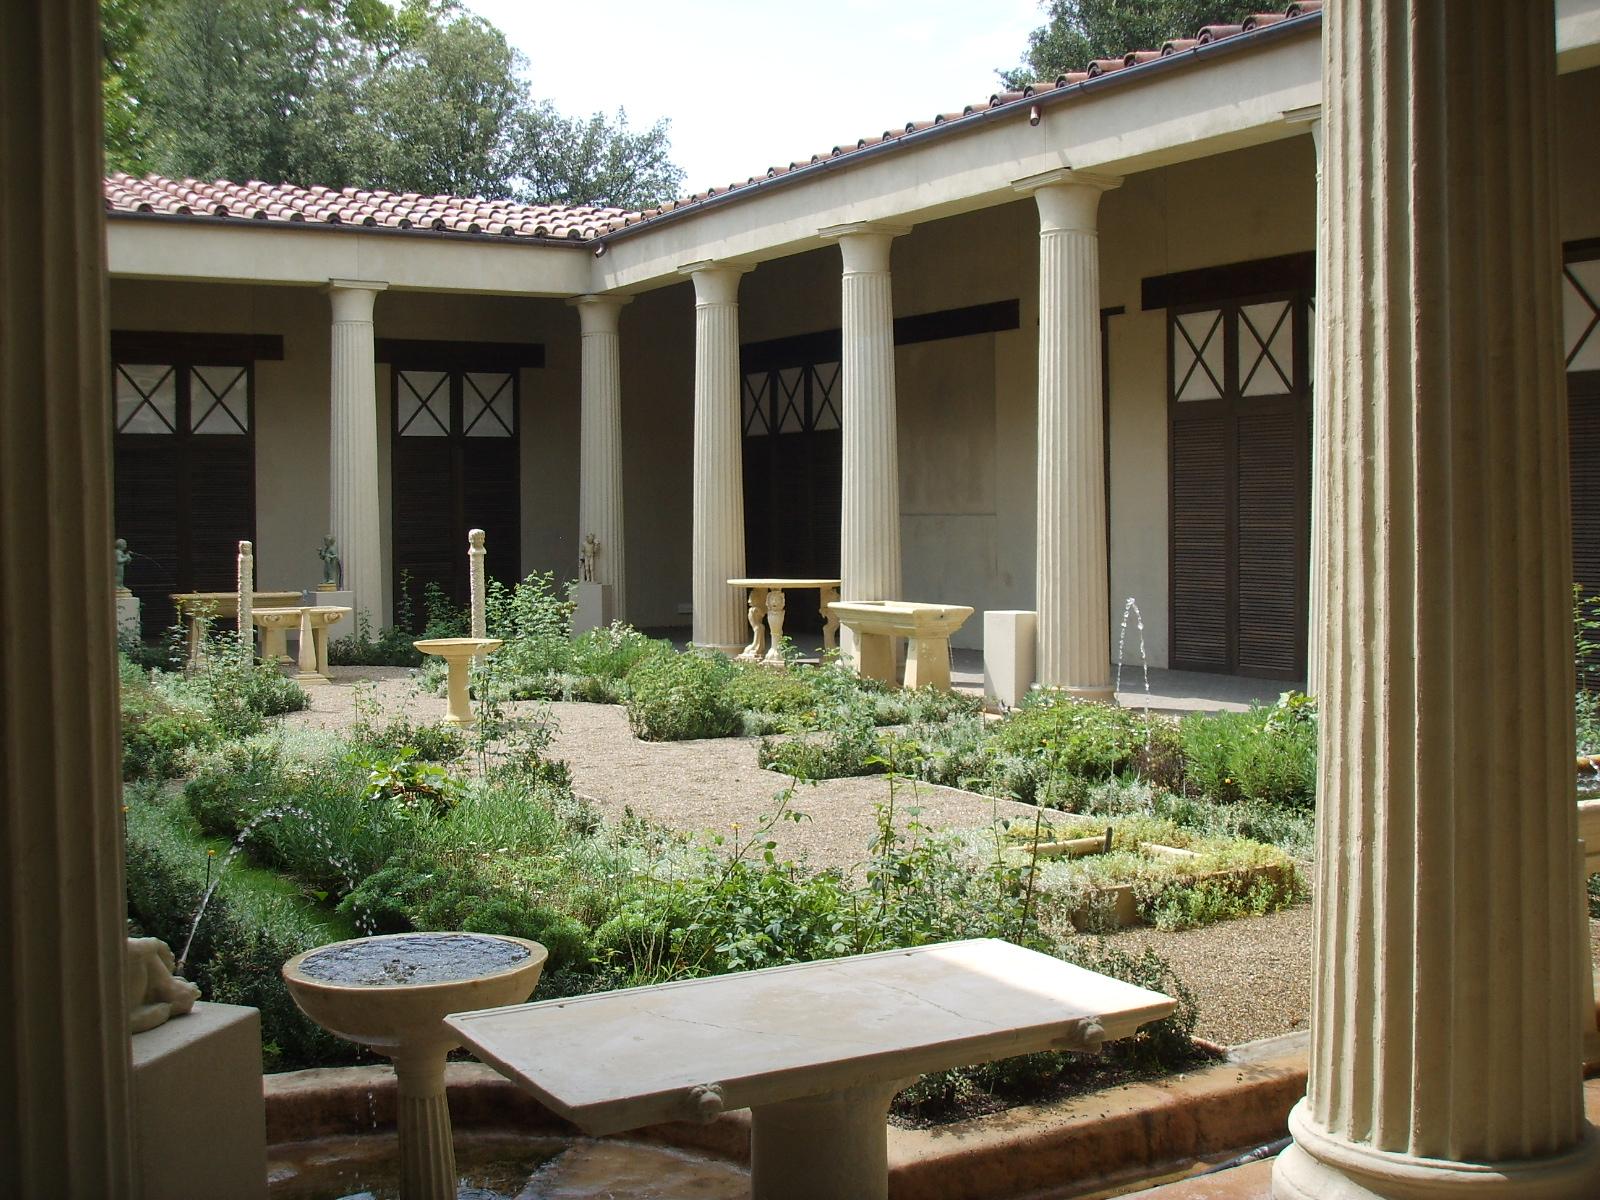 Giardino Di Una Casa file:ricostruzione del giardino della casa dei vetii di